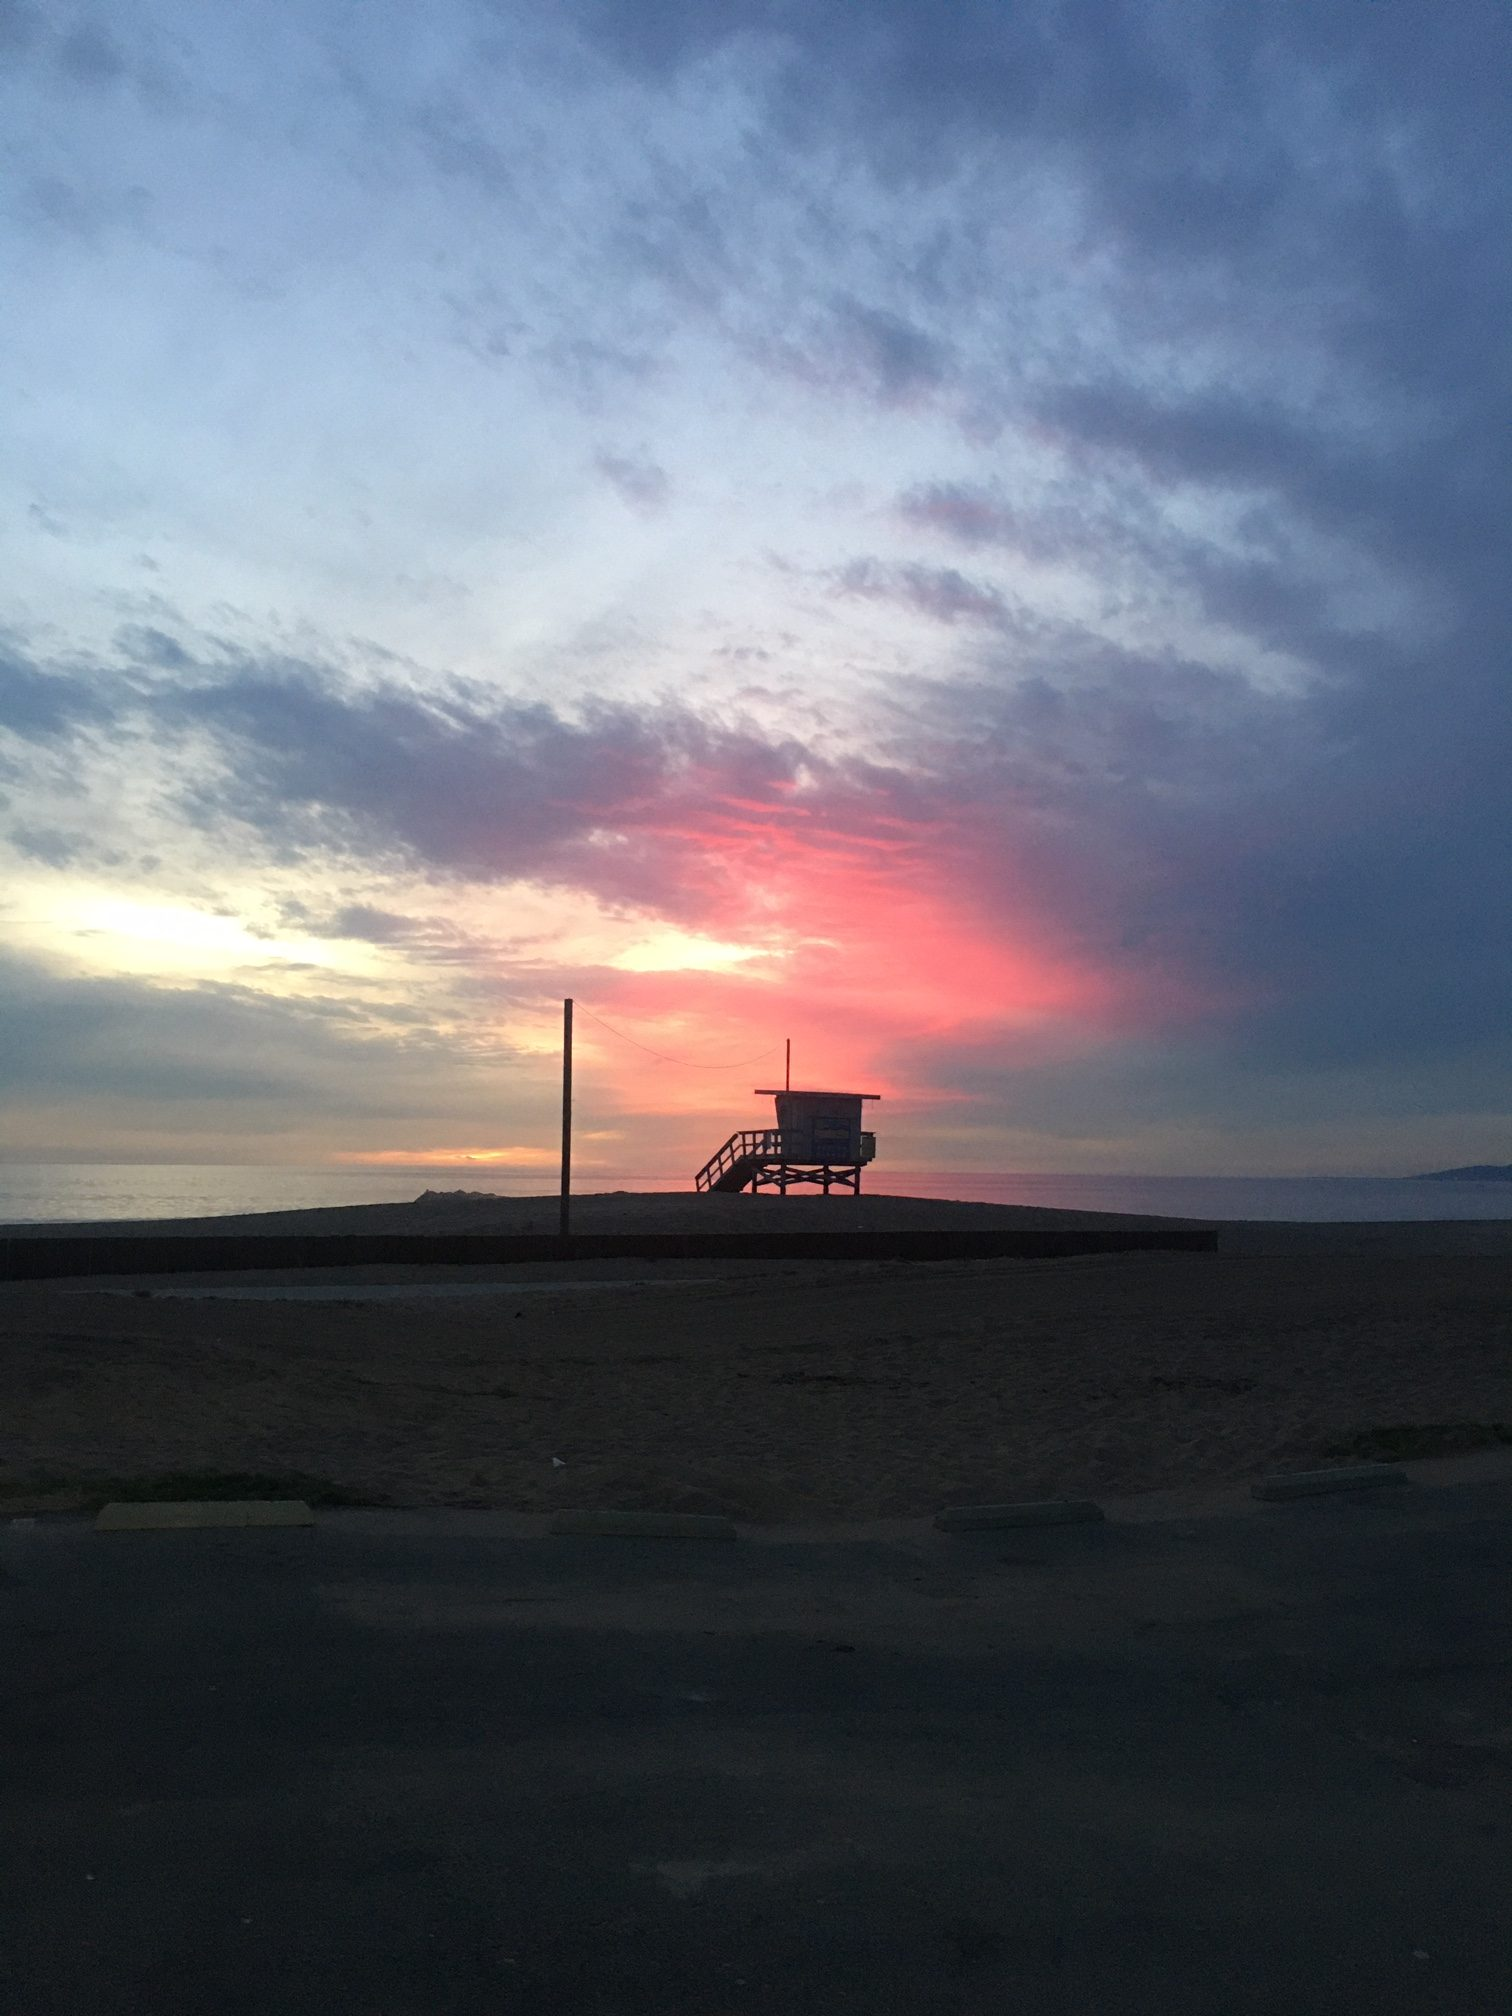 Sunset at Dockweiler Beach